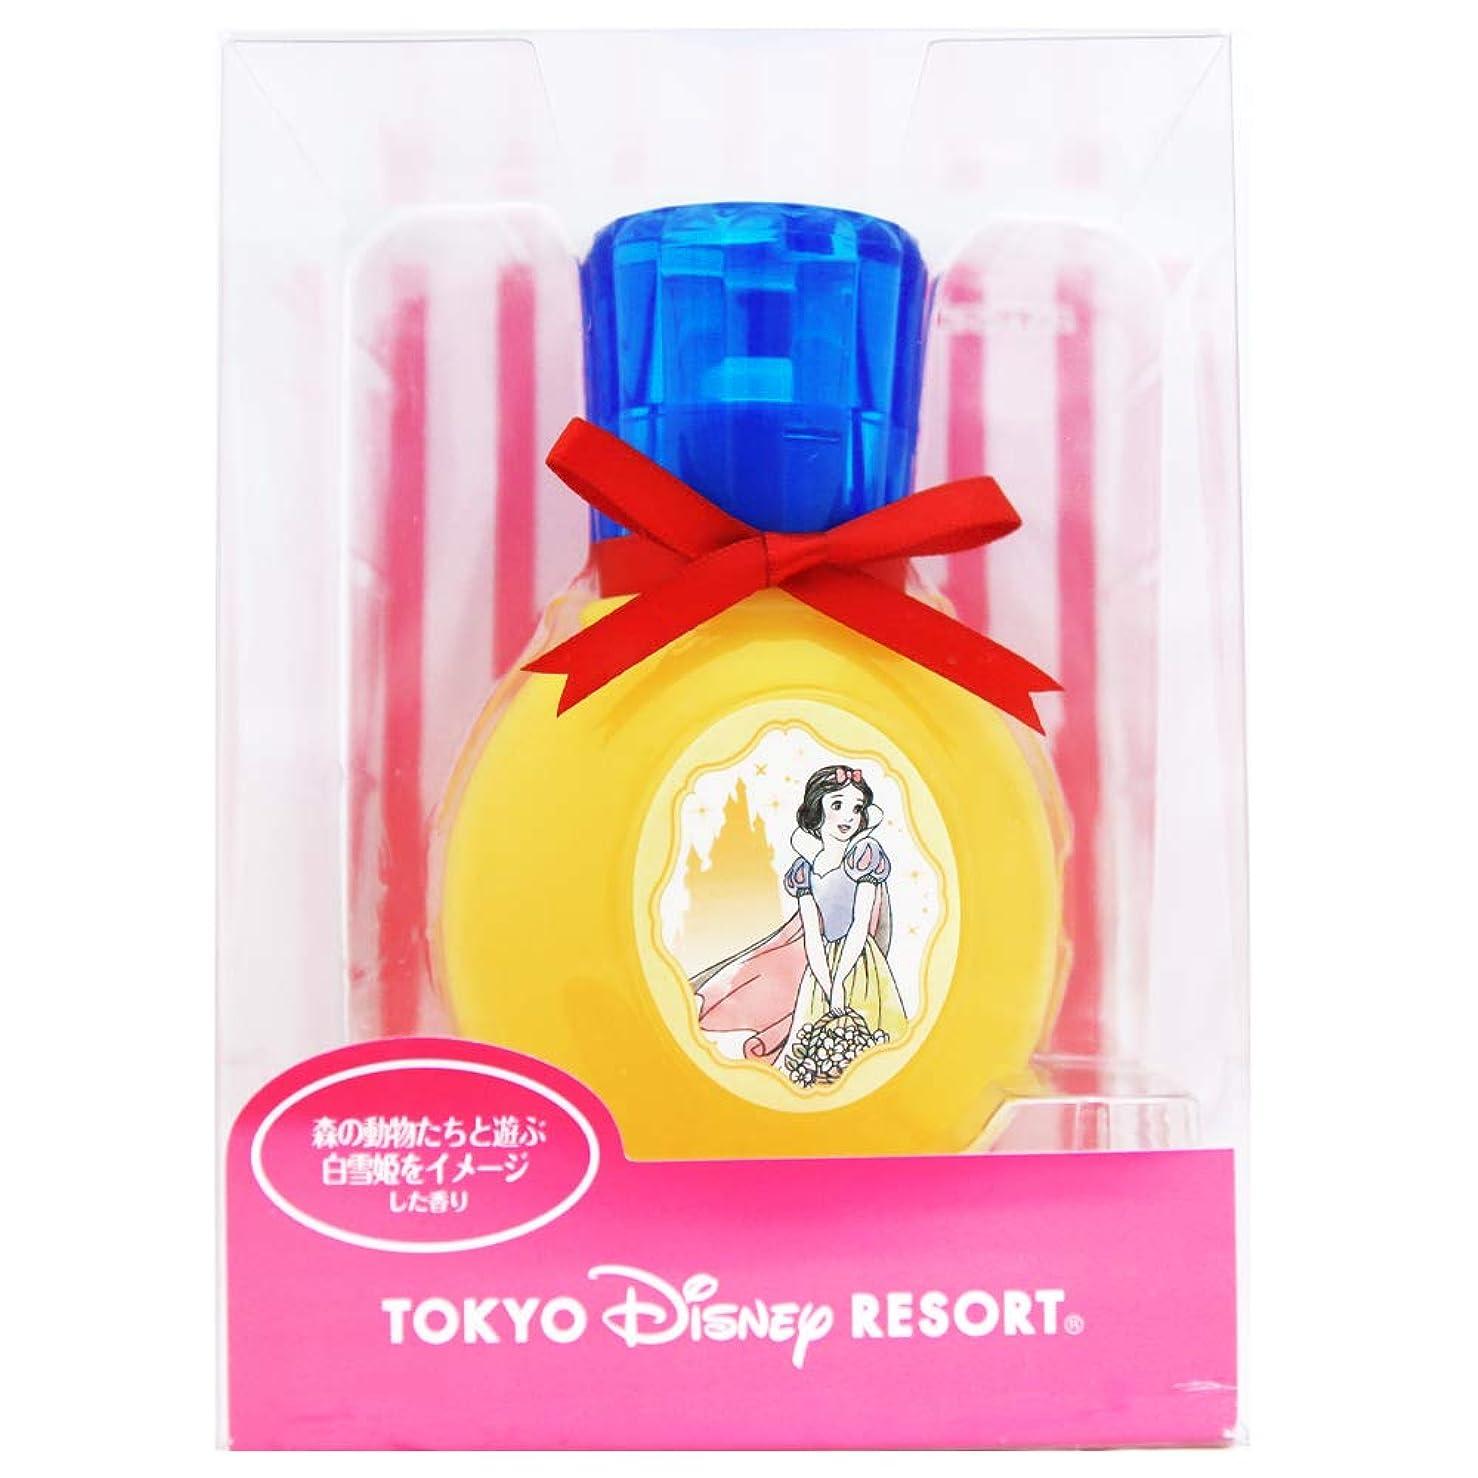 ベース話をする直立ルームフレグランス ( 白雪姫 ) 森の動物たちと遊ぶ白雪姫をイメージした香り ディズニー プリンセス グッズ 部屋 ルーム 芳香剤 リゾート限定